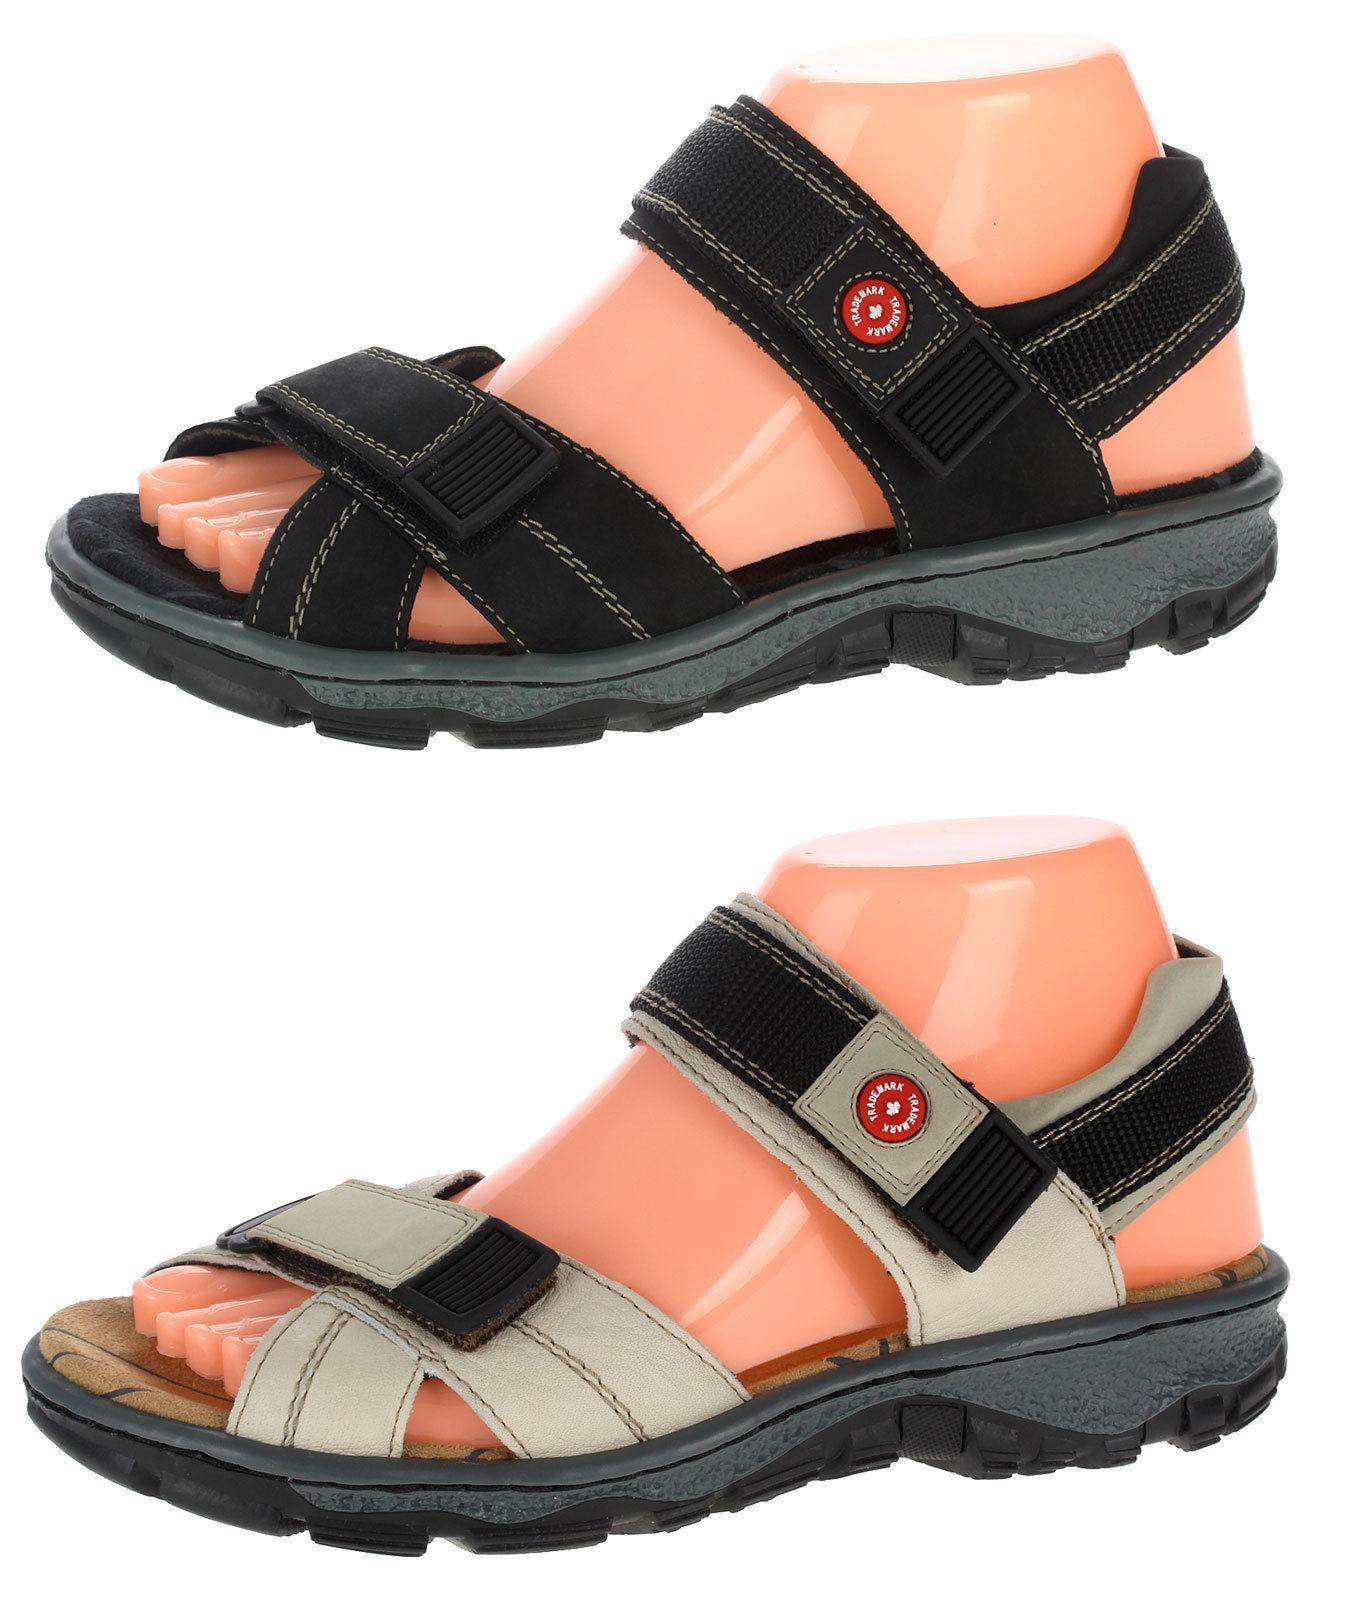 73b005cf8cf331 Rieker Damen Sandale Sommer Schuhe Outdoor Trekking Sandalen 68851 ...